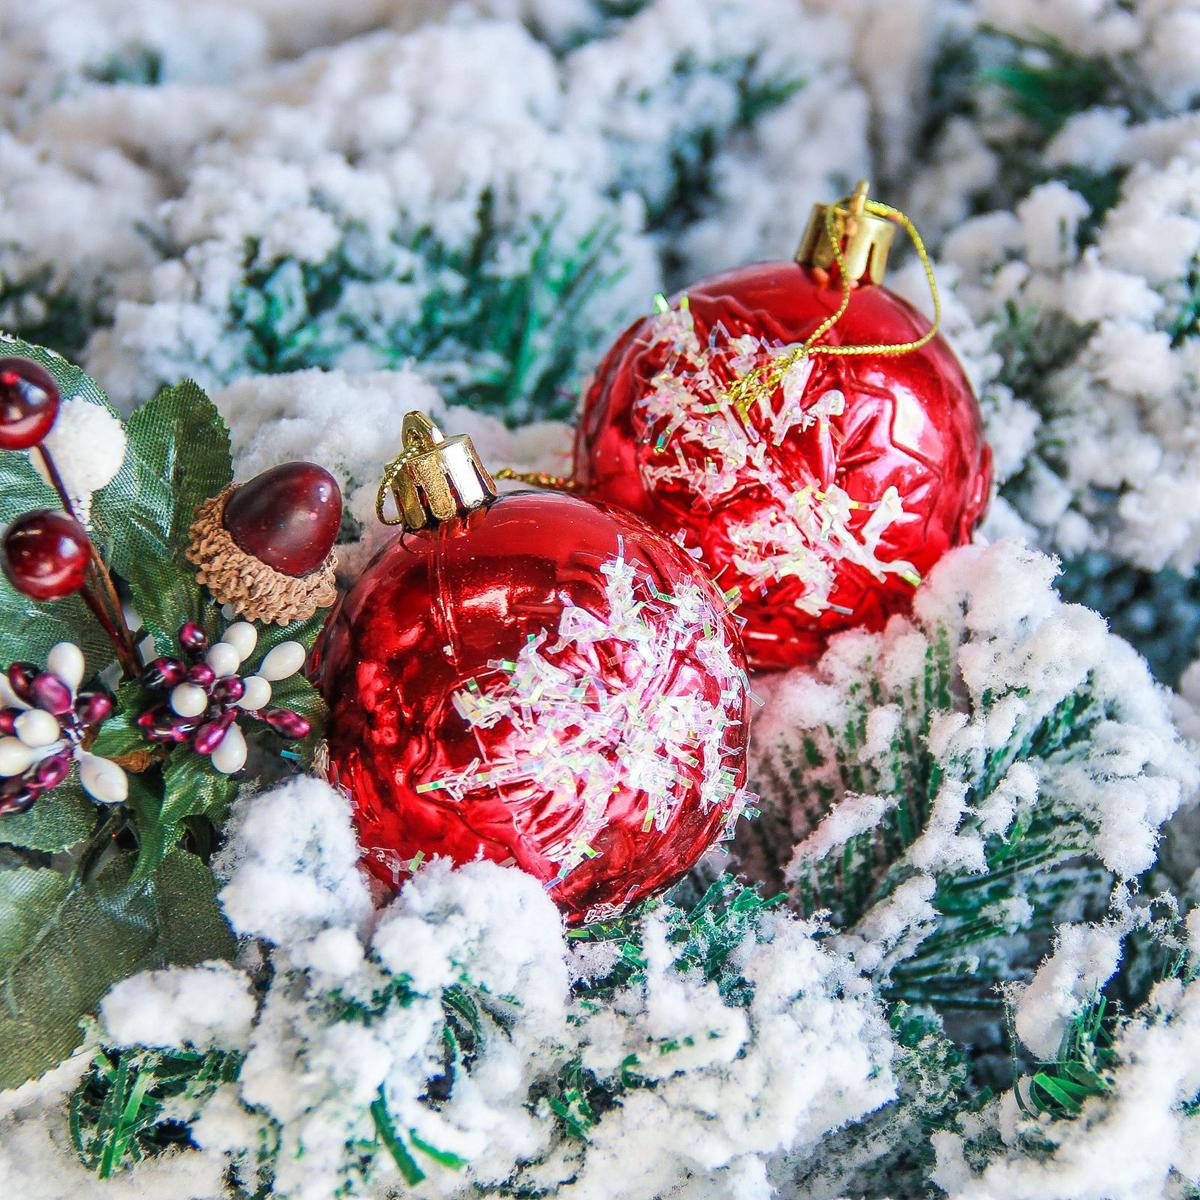 Набор новогодних подвесных украшений Sima-land Пушистые снежинки, диаметр 5,5 см, 6 шт2363907Набор новогодних подвесных украшений Sima-land отлично подойдет для декорации вашего дома и новогодней ели. С помощью специальной петельки украшение можно повесить в любом понравившемся вам месте. Но, конечно, удачнее всего оно будет смотреться на праздничной елке. Елочная игрушка - символ Нового года. Она несет в себе волшебство и красоту праздника. Создайте в своем доме атмосферу веселья и радости, украшая новогоднюю елку нарядными игрушками, которые будут из года в год накапливать теплоту воспоминаний.